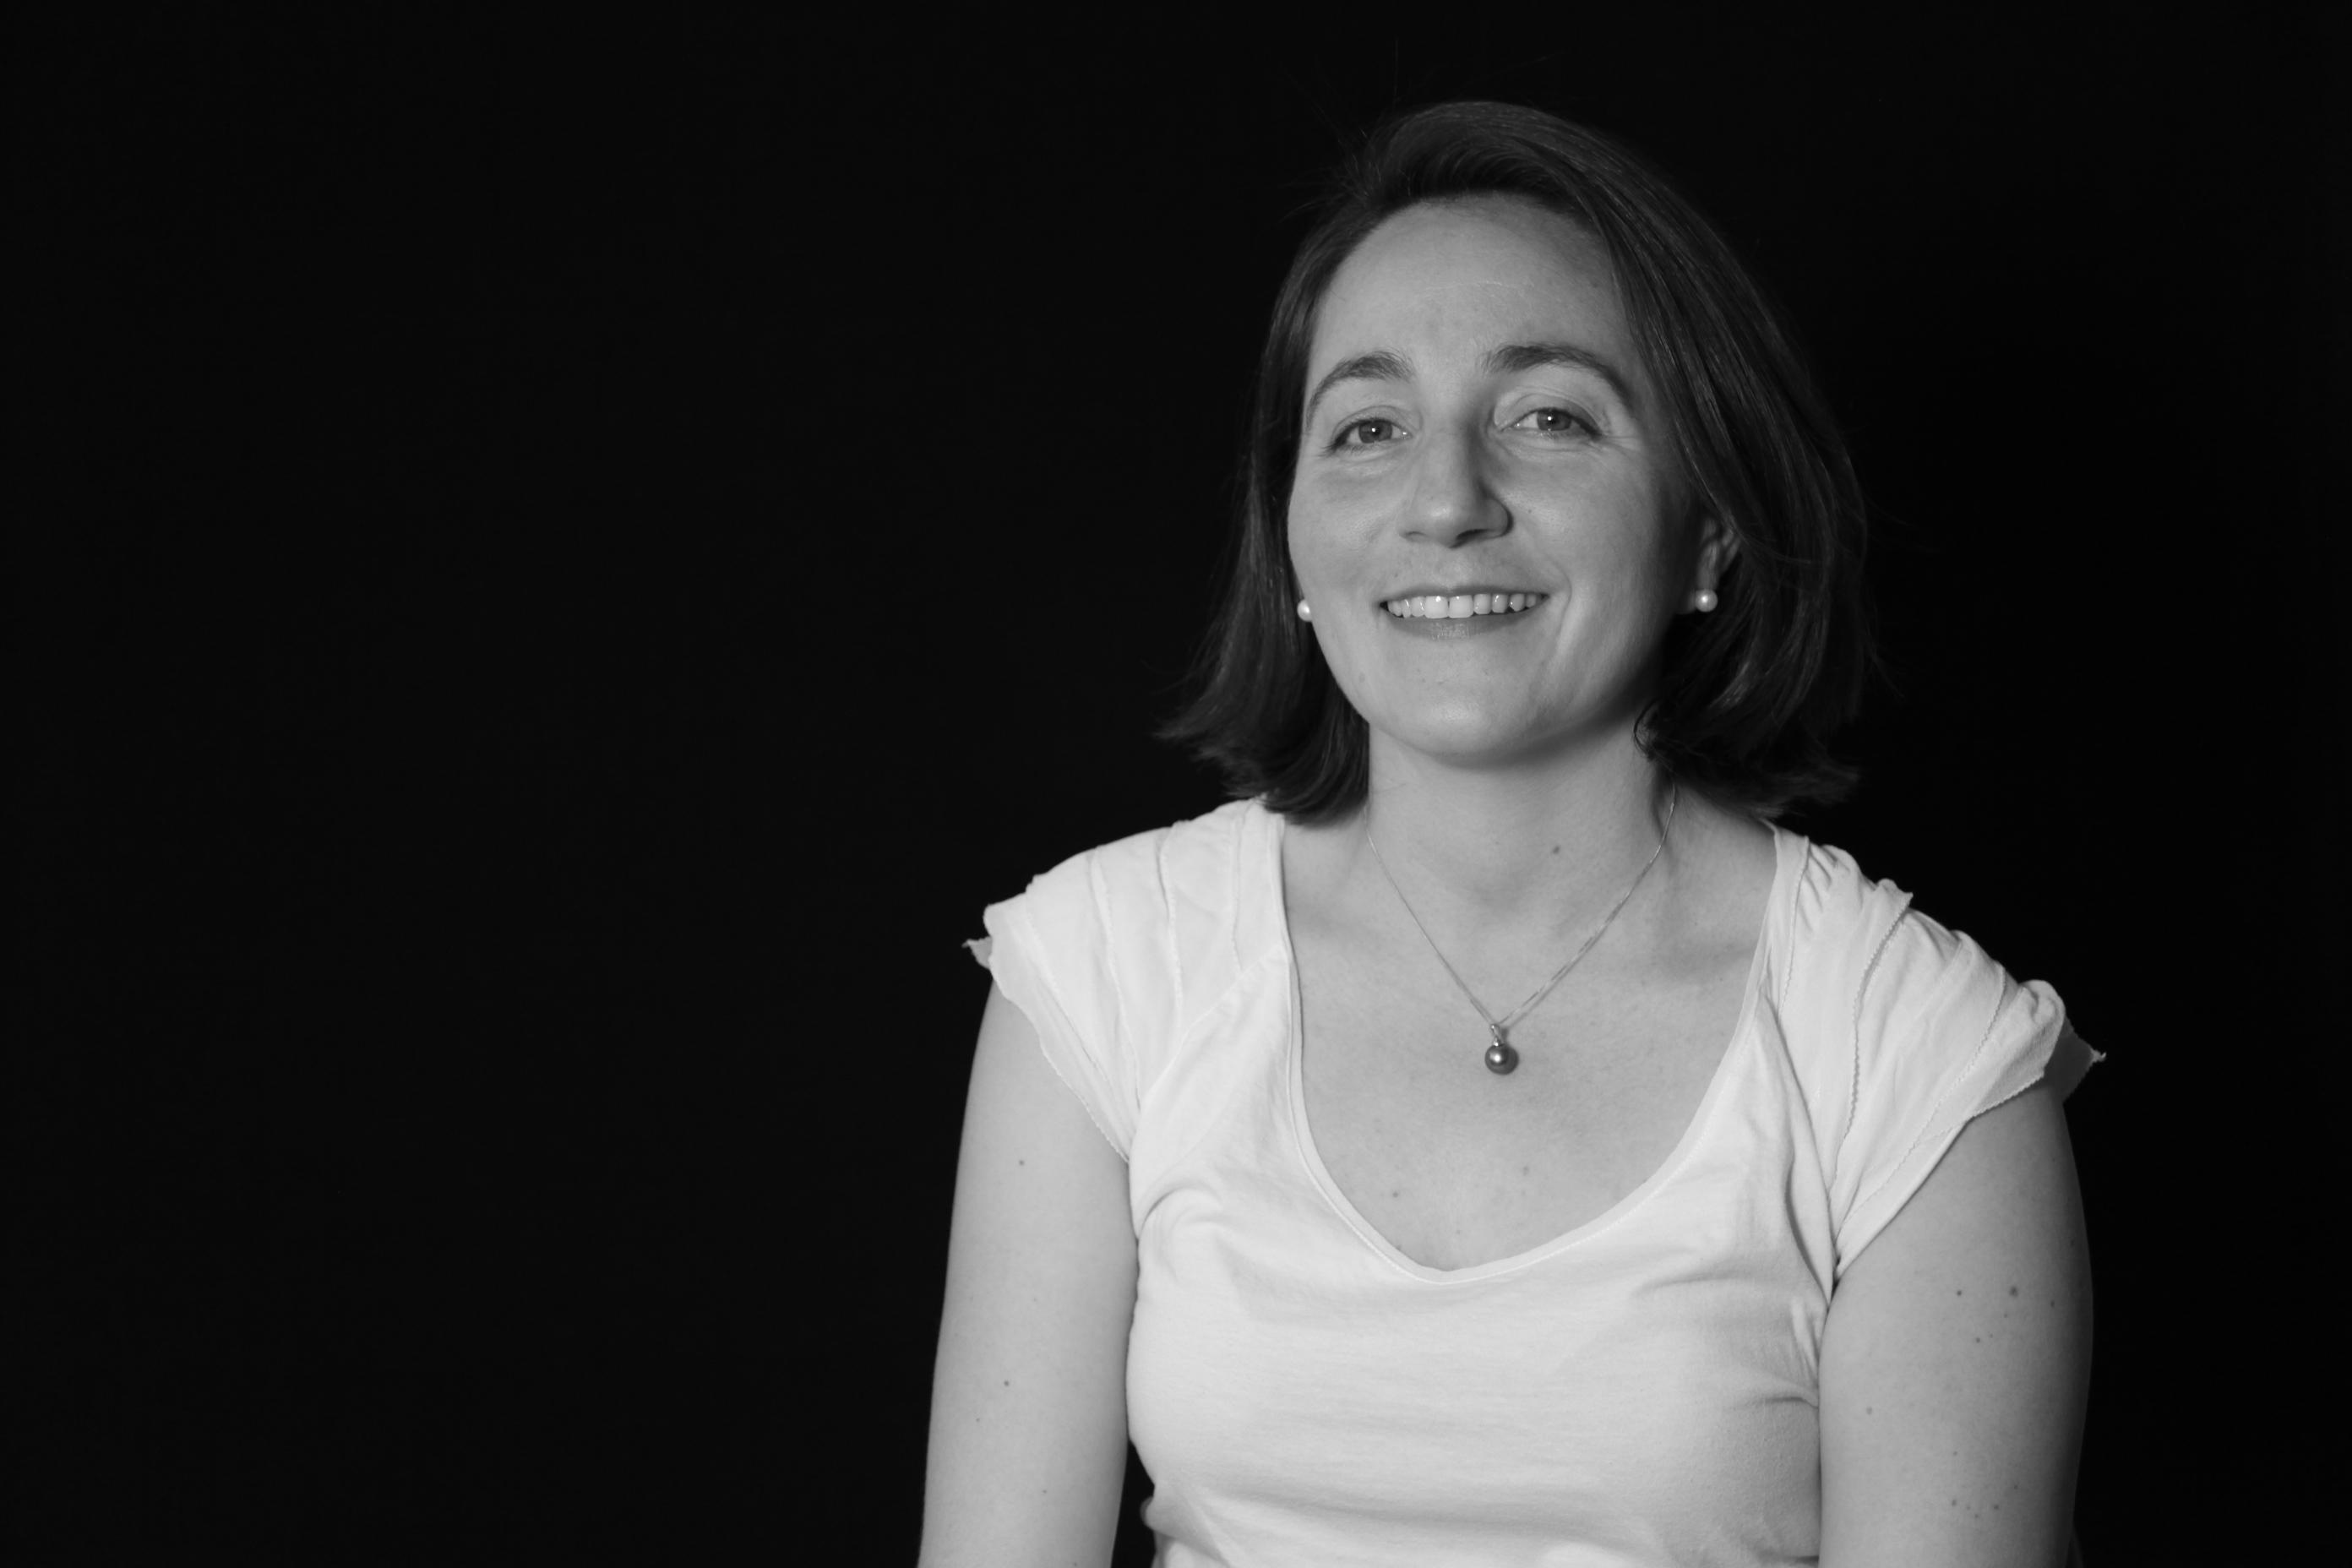 Sarah von Billerbeck :